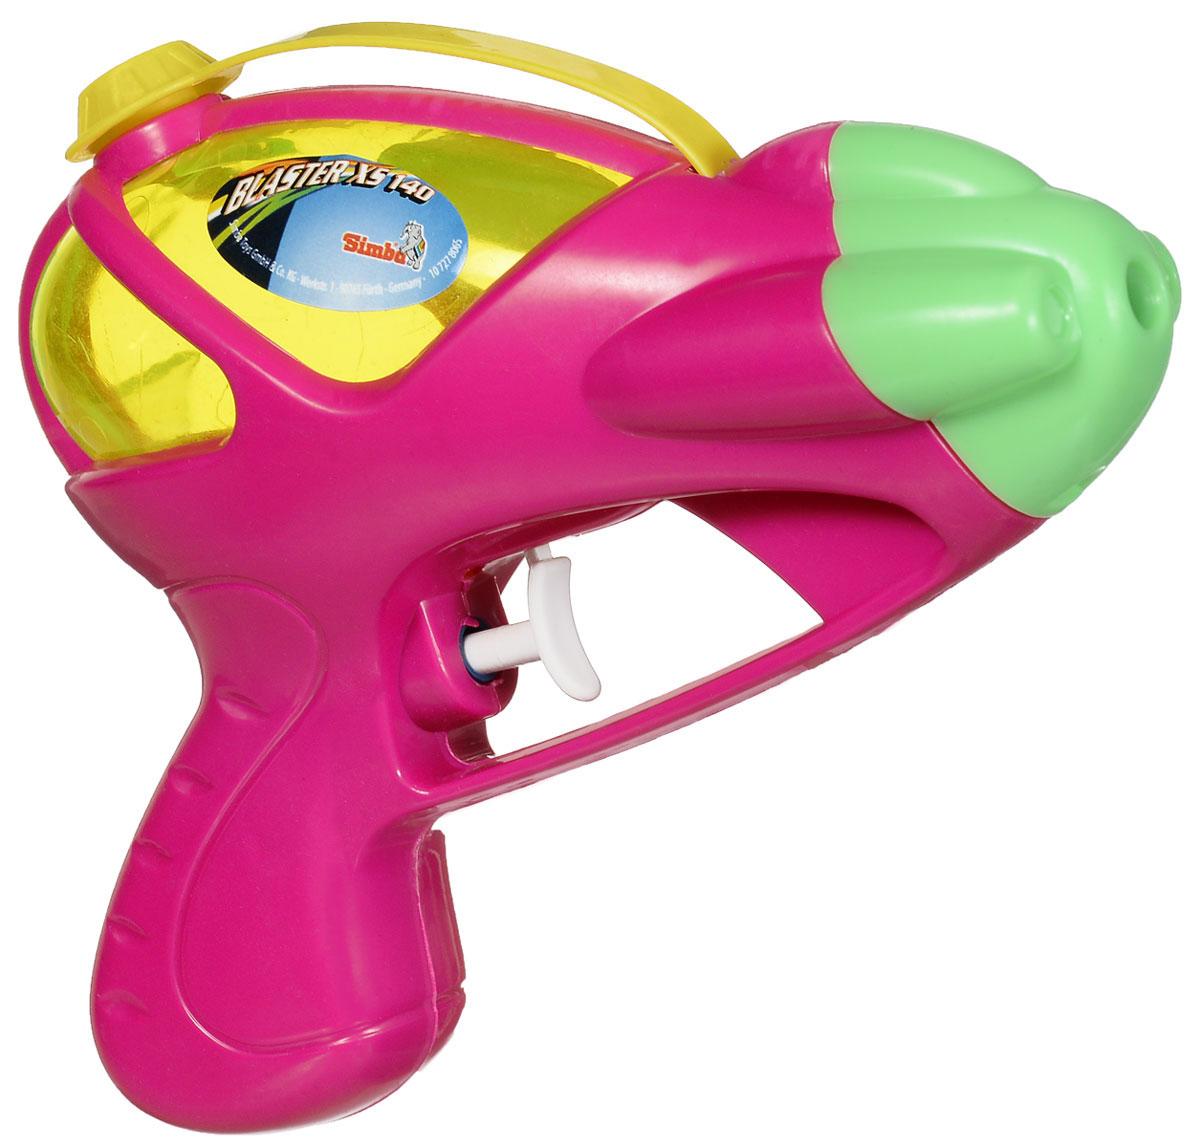 Simba Водный пистолет Blaster XS 140 цвет малиновый7278065_малиновыйВодный пистолет Simba Blaster XS 140 станет отличным развлечением для детей в жаркую летнюю погоду. Пистолет выделяется ярким дизайном и компактными формами. Игрушкой очень удобно пользоваться благодаря эргономичной рукоятке. Также большим плюсом является наличие вместительного резервуара для воды, который закрывается сверху на корпусе крышечкой. Заполните резервуар водой и начинайте стрелять! При нажатии на курок пистолет выстреливает струей воды. Такая игрушка не только порадует малыша, но и поможет ему совершенствовать мелкую и крупную моторику, а также координацию движений. С водным пистолетом ваш малыш сможет устроить настоящее водное сражение!